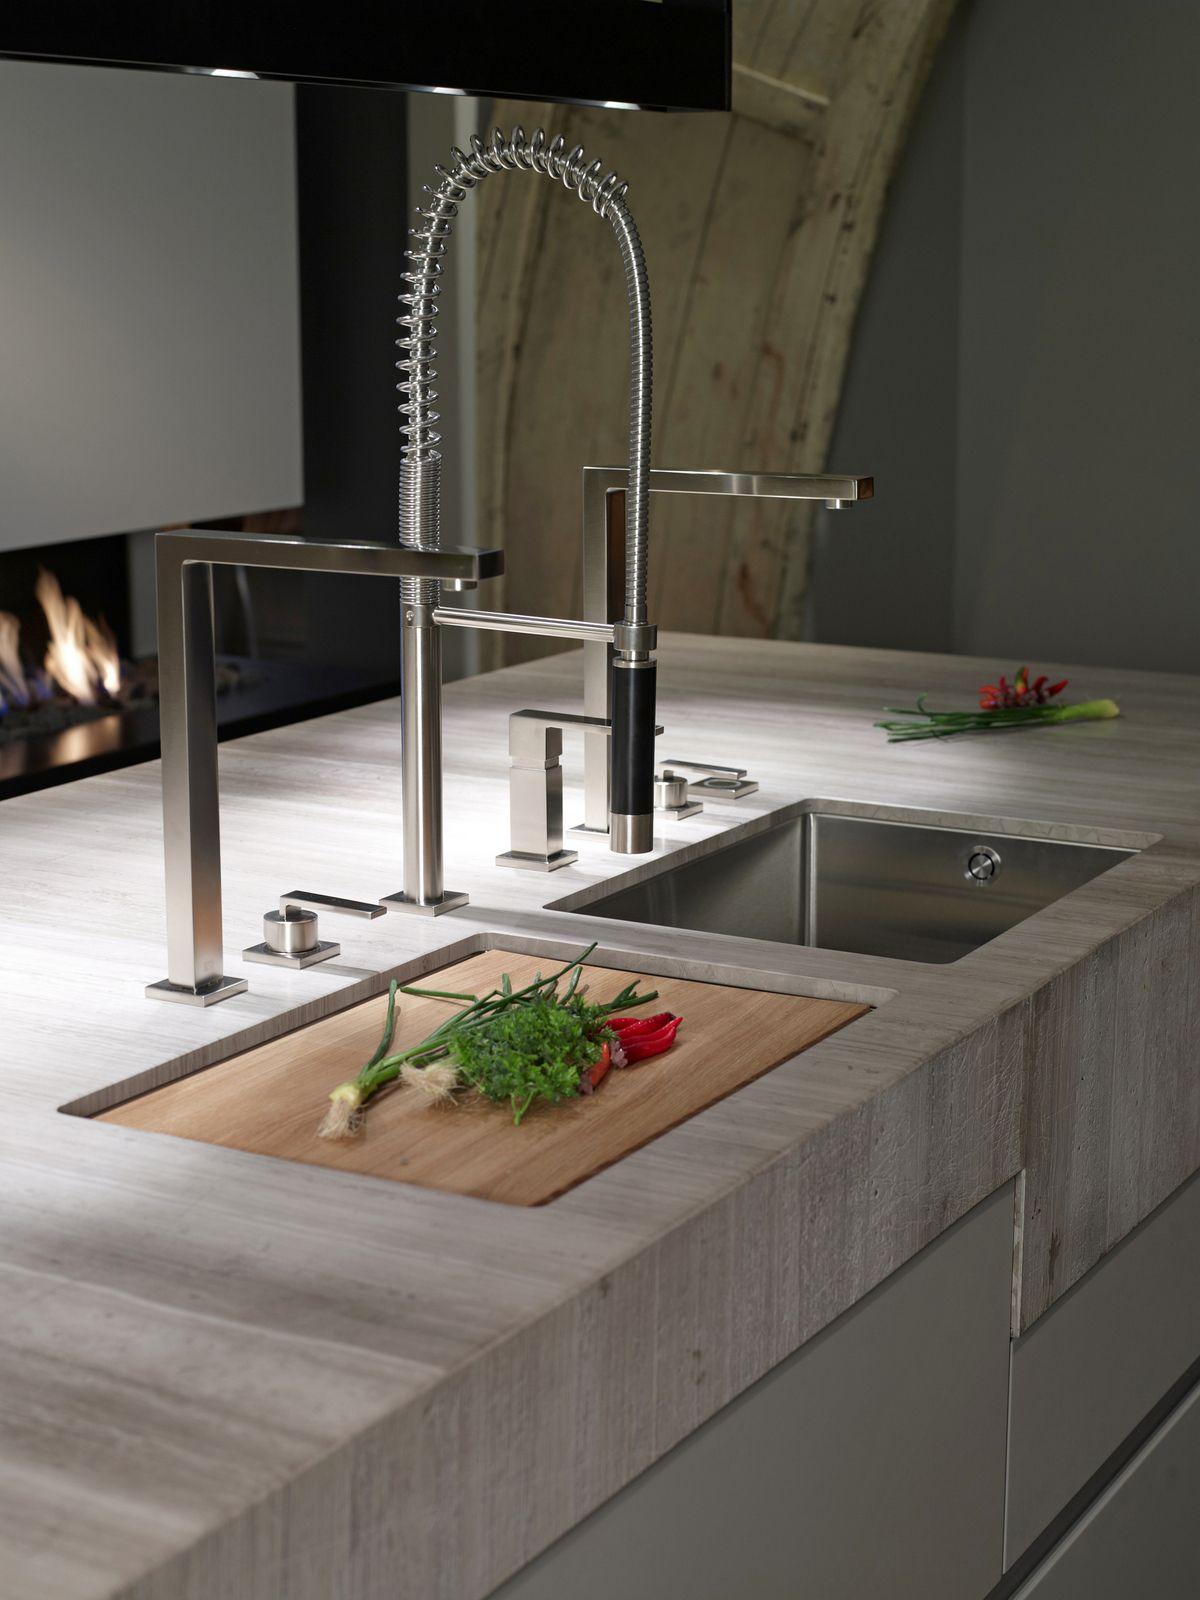 High End Kitchen Sinks Copper Faucet Spultischarmatur Fur Ihre Kuche Treffen Sie Die Richtige Culimaat Kitchens